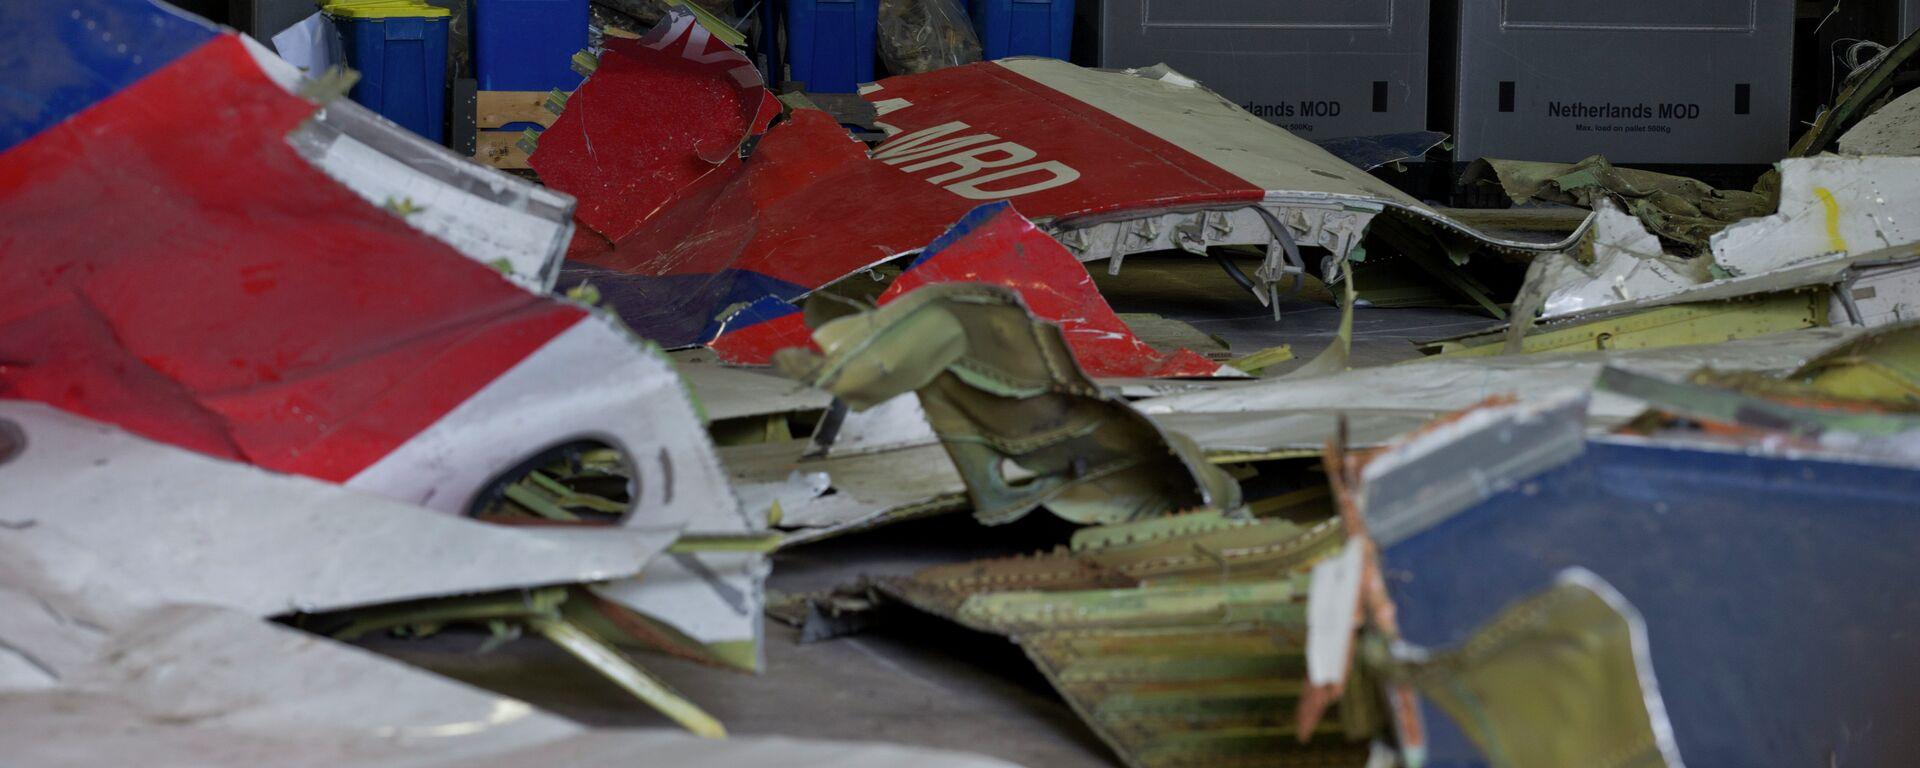 Trosky MH17 - Sputnik Česká republika, 1920, 06.09.2021